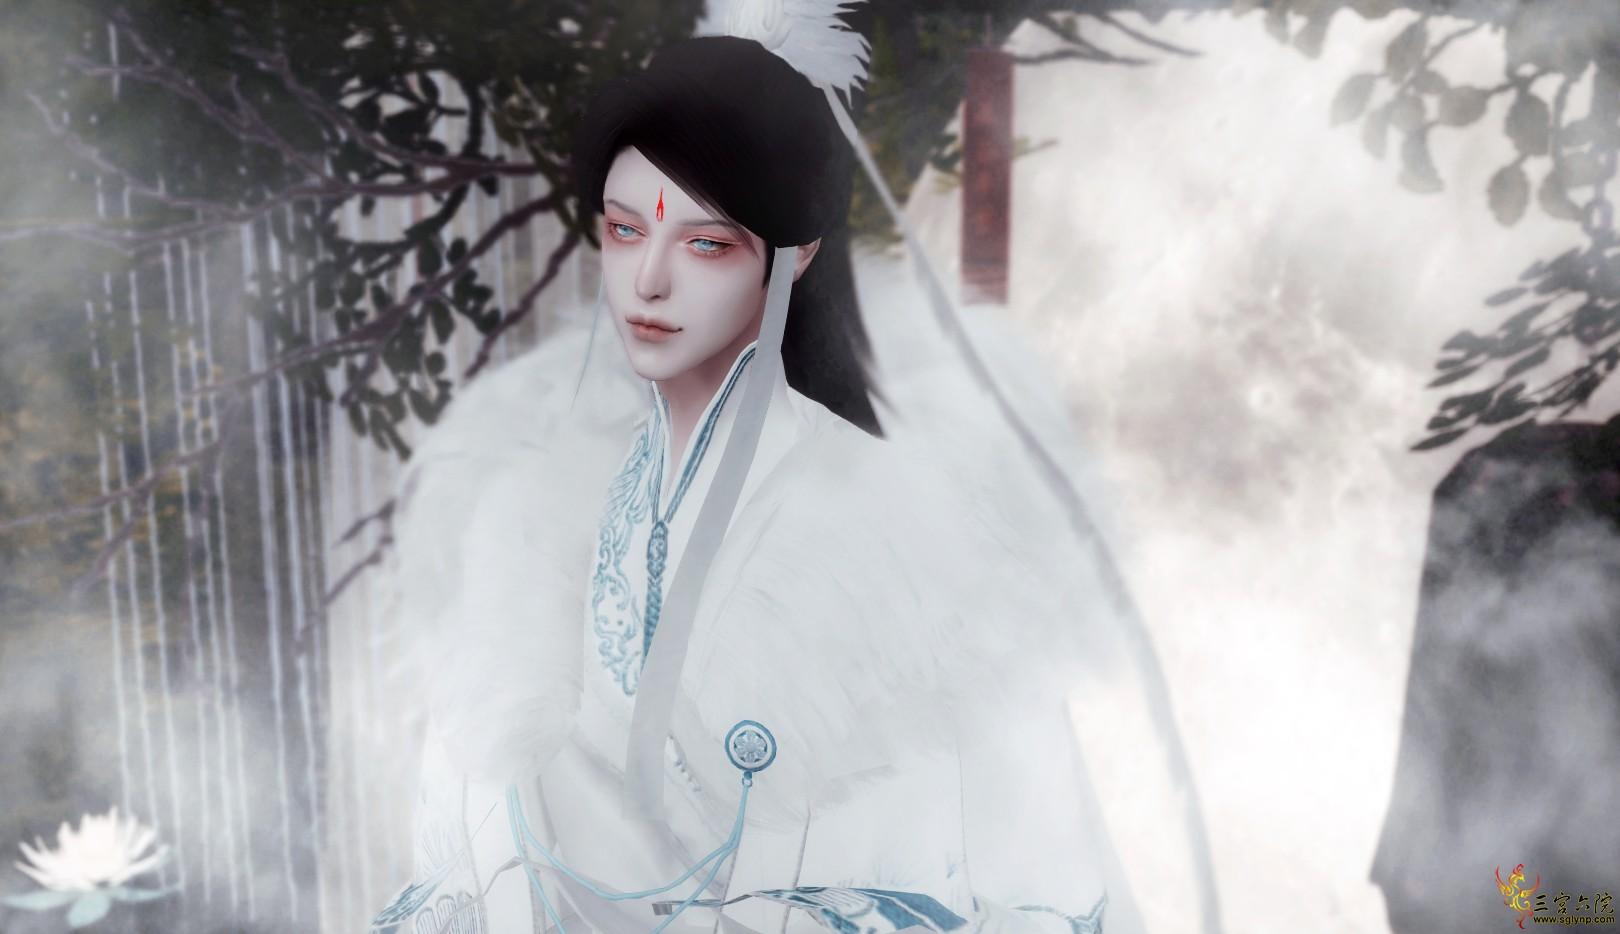 【小清秋】广寒仙子 - 嫦娥(回帖领币)